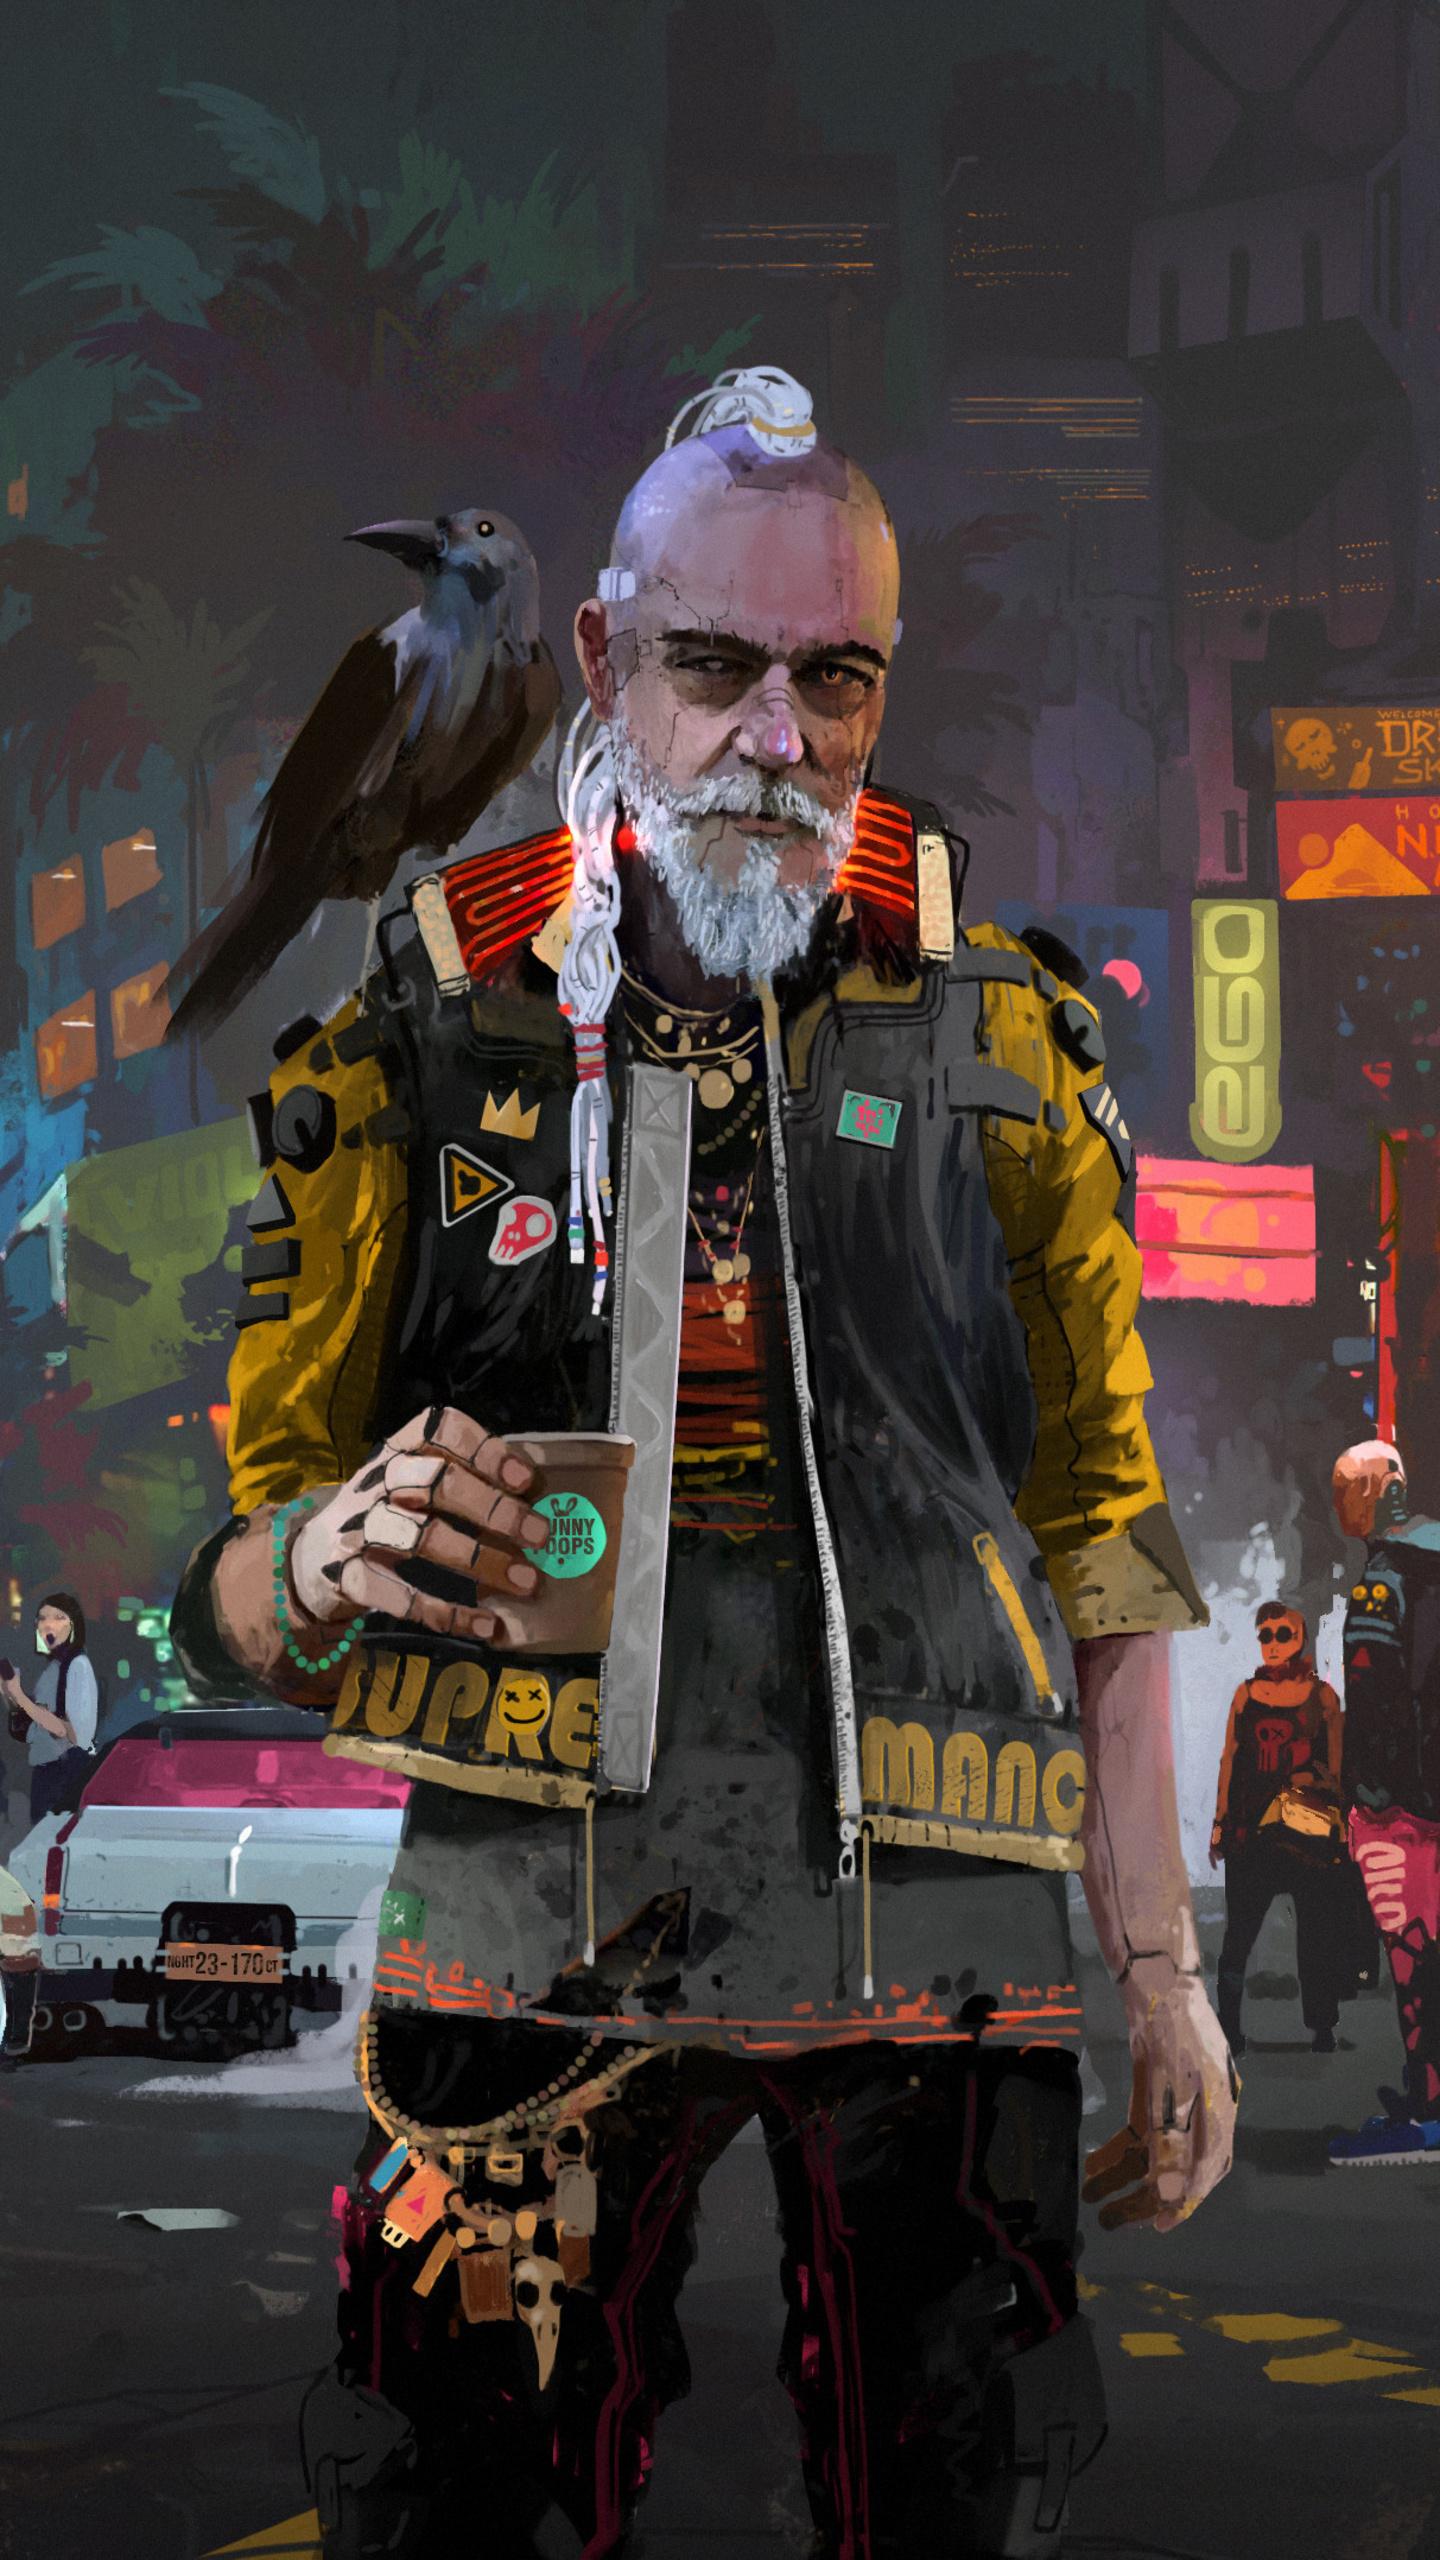 old-people-of-cyberpunk-2077-4k-fr.jpg